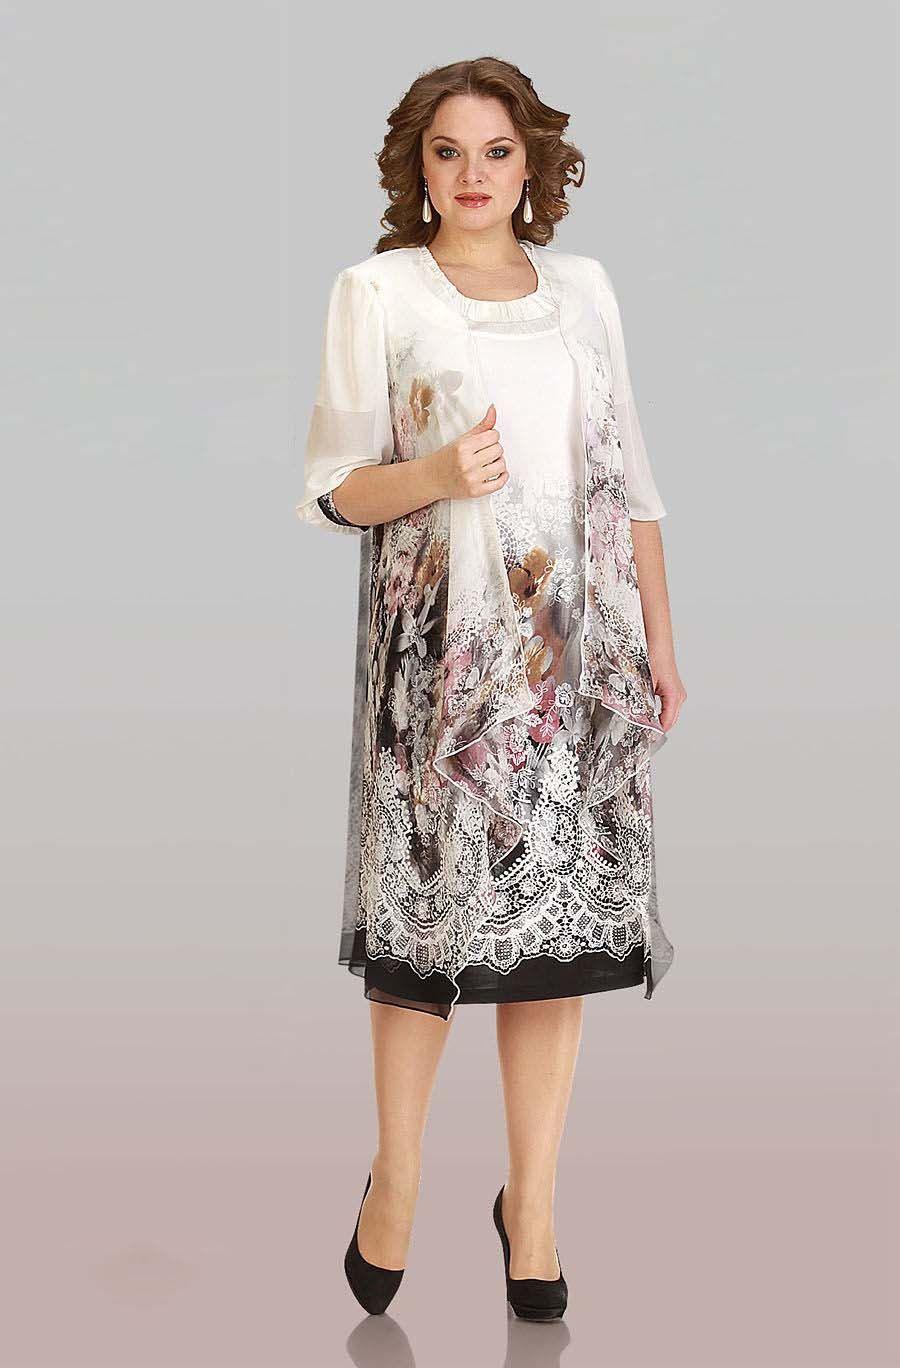 Летние платья для женщин 50 лет (40 фото): фасоны и модели ...